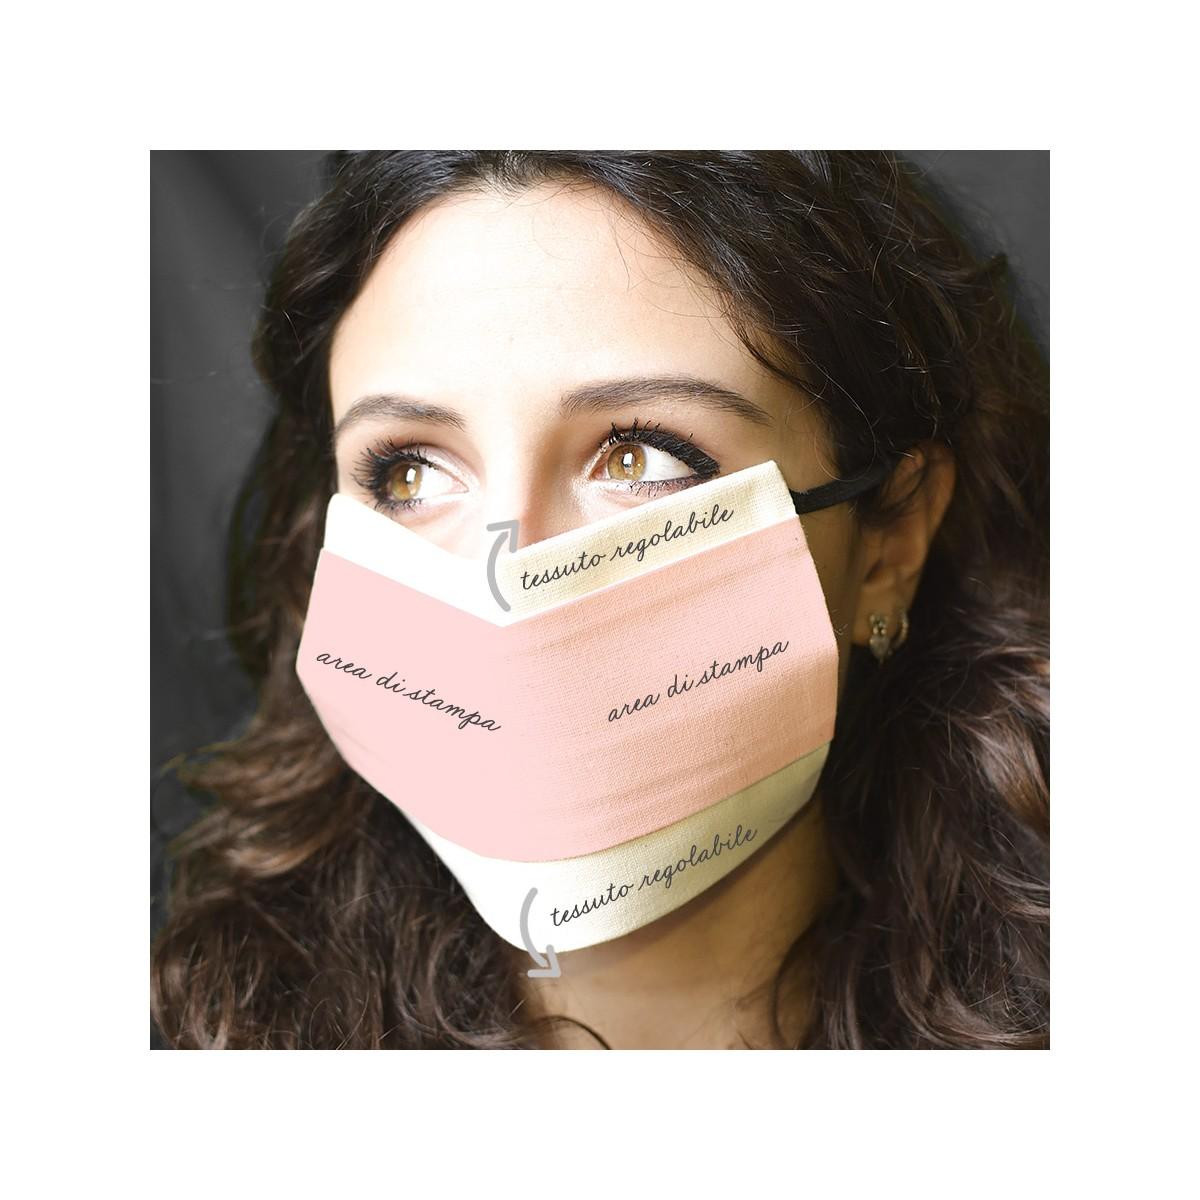 Mascherina personalizzabile realizzata in cotone 100% lavabile